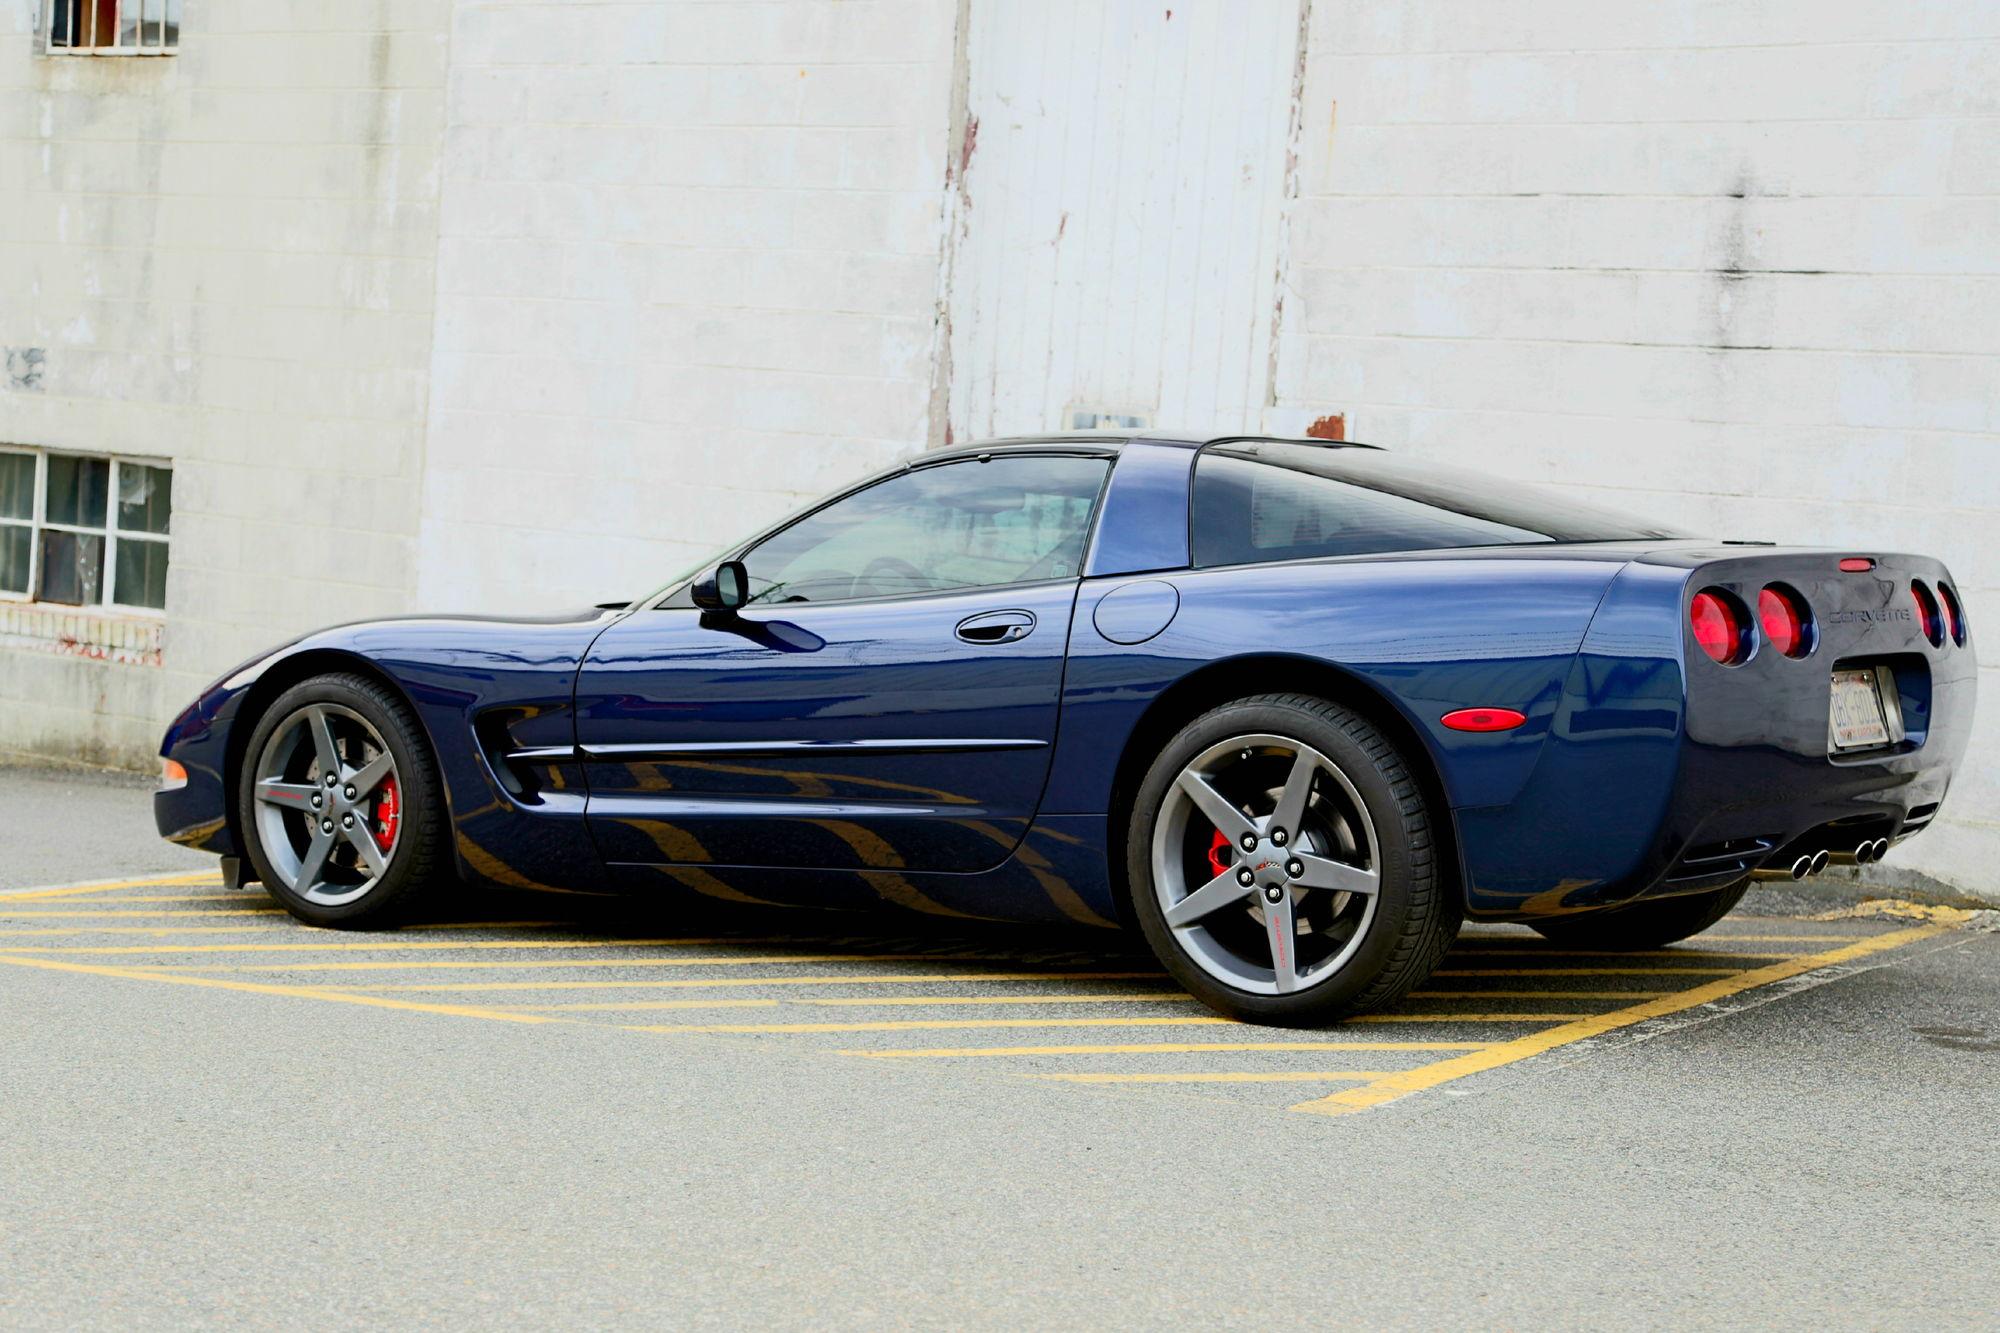 C5 Corvette C6 Wheels >> C6 Wheels On C5 - CorvetteForum - Chevrolet Corvette Forum Discussion